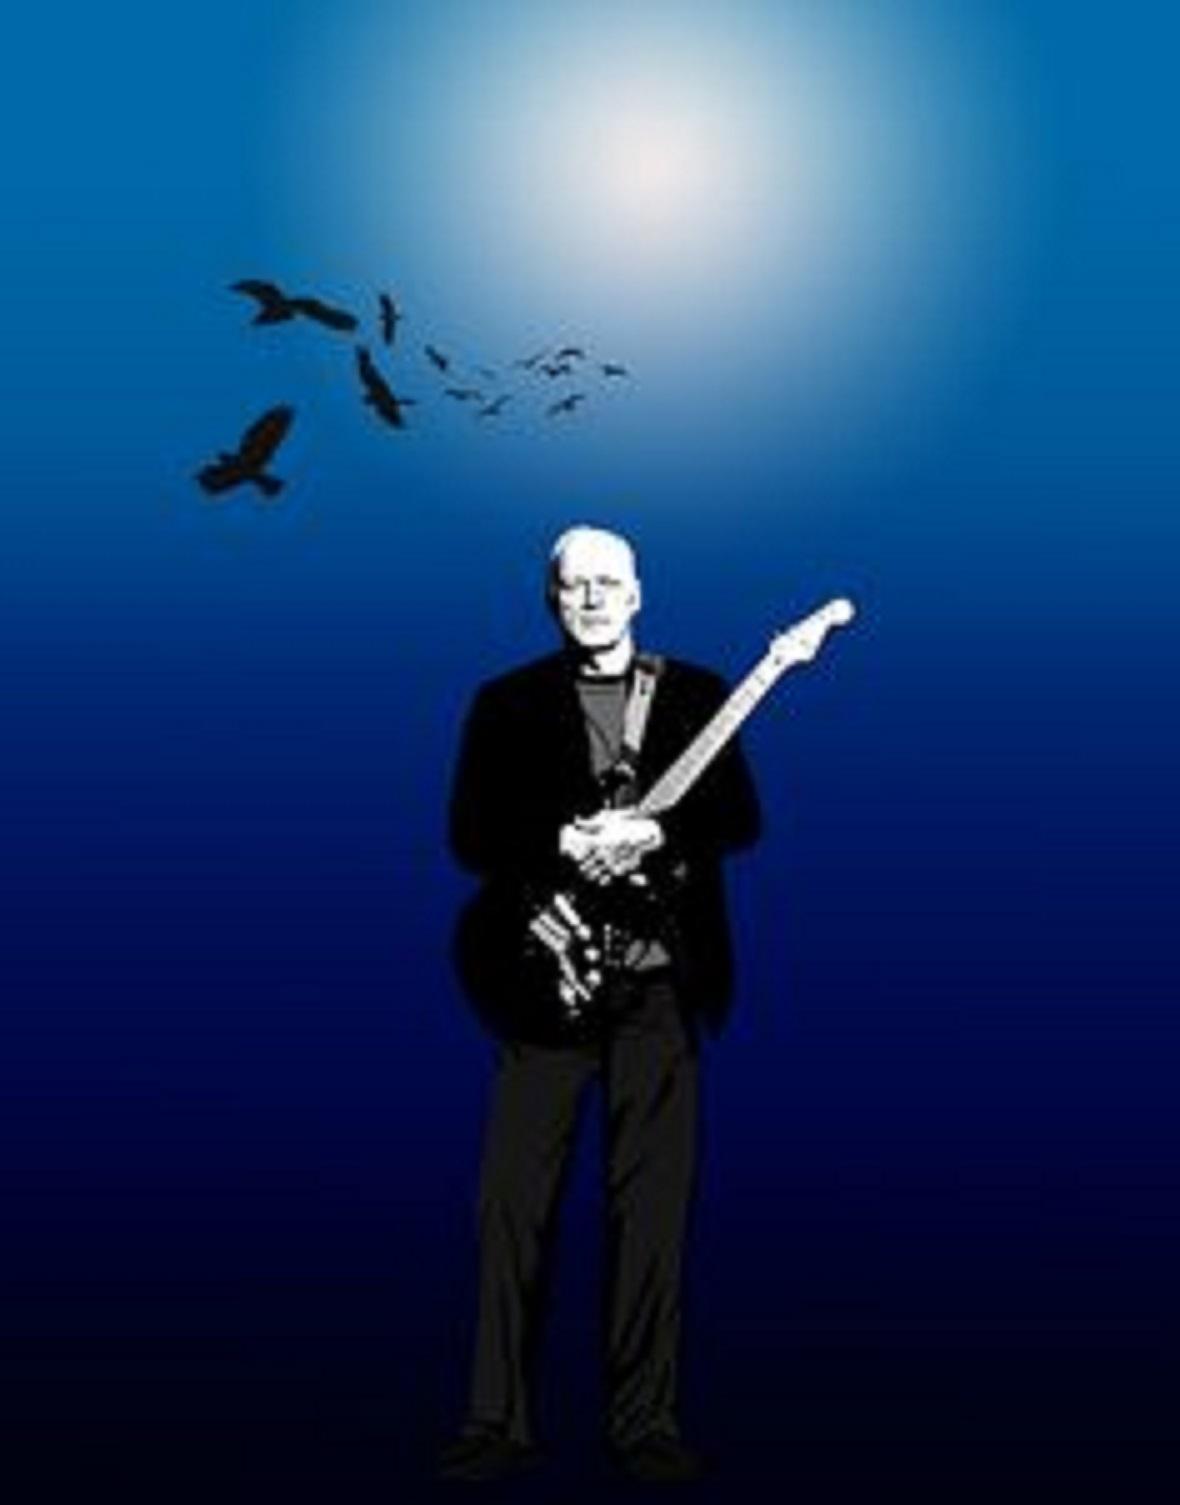 David Gilmour On An Island Video 2006 Imdb